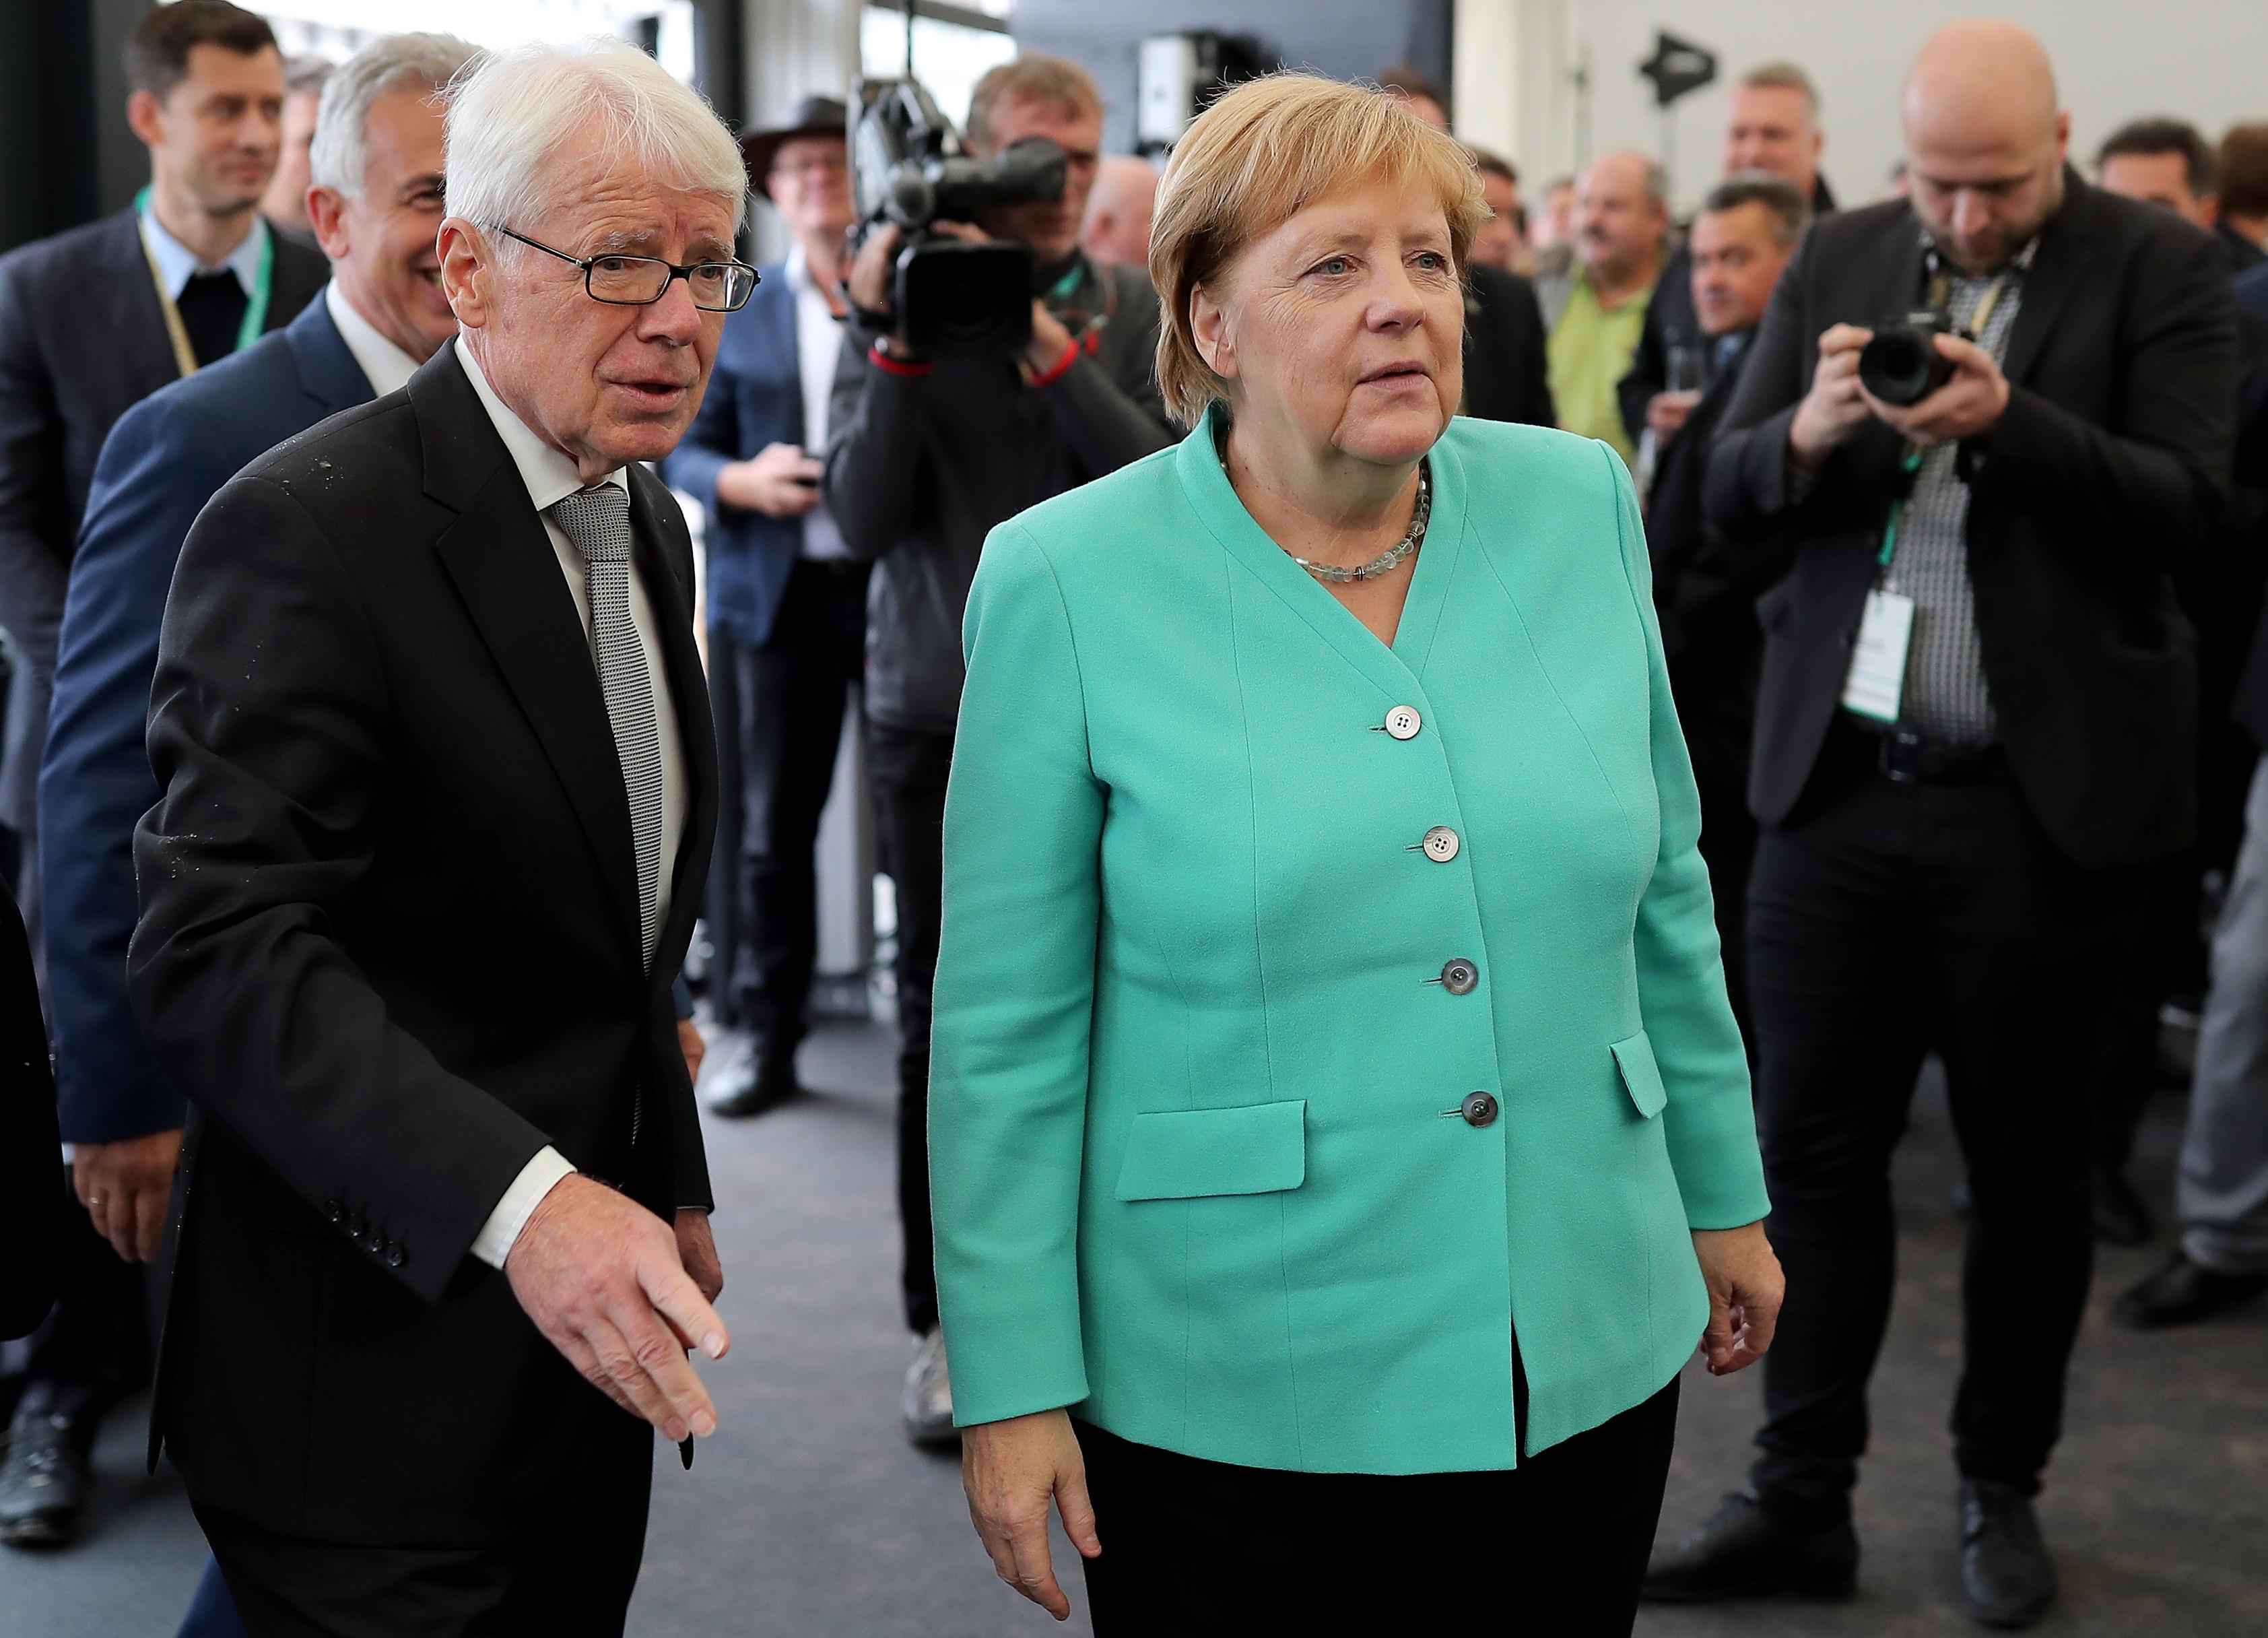 Christian Kaspar-Bartke/Getty Images for DFB